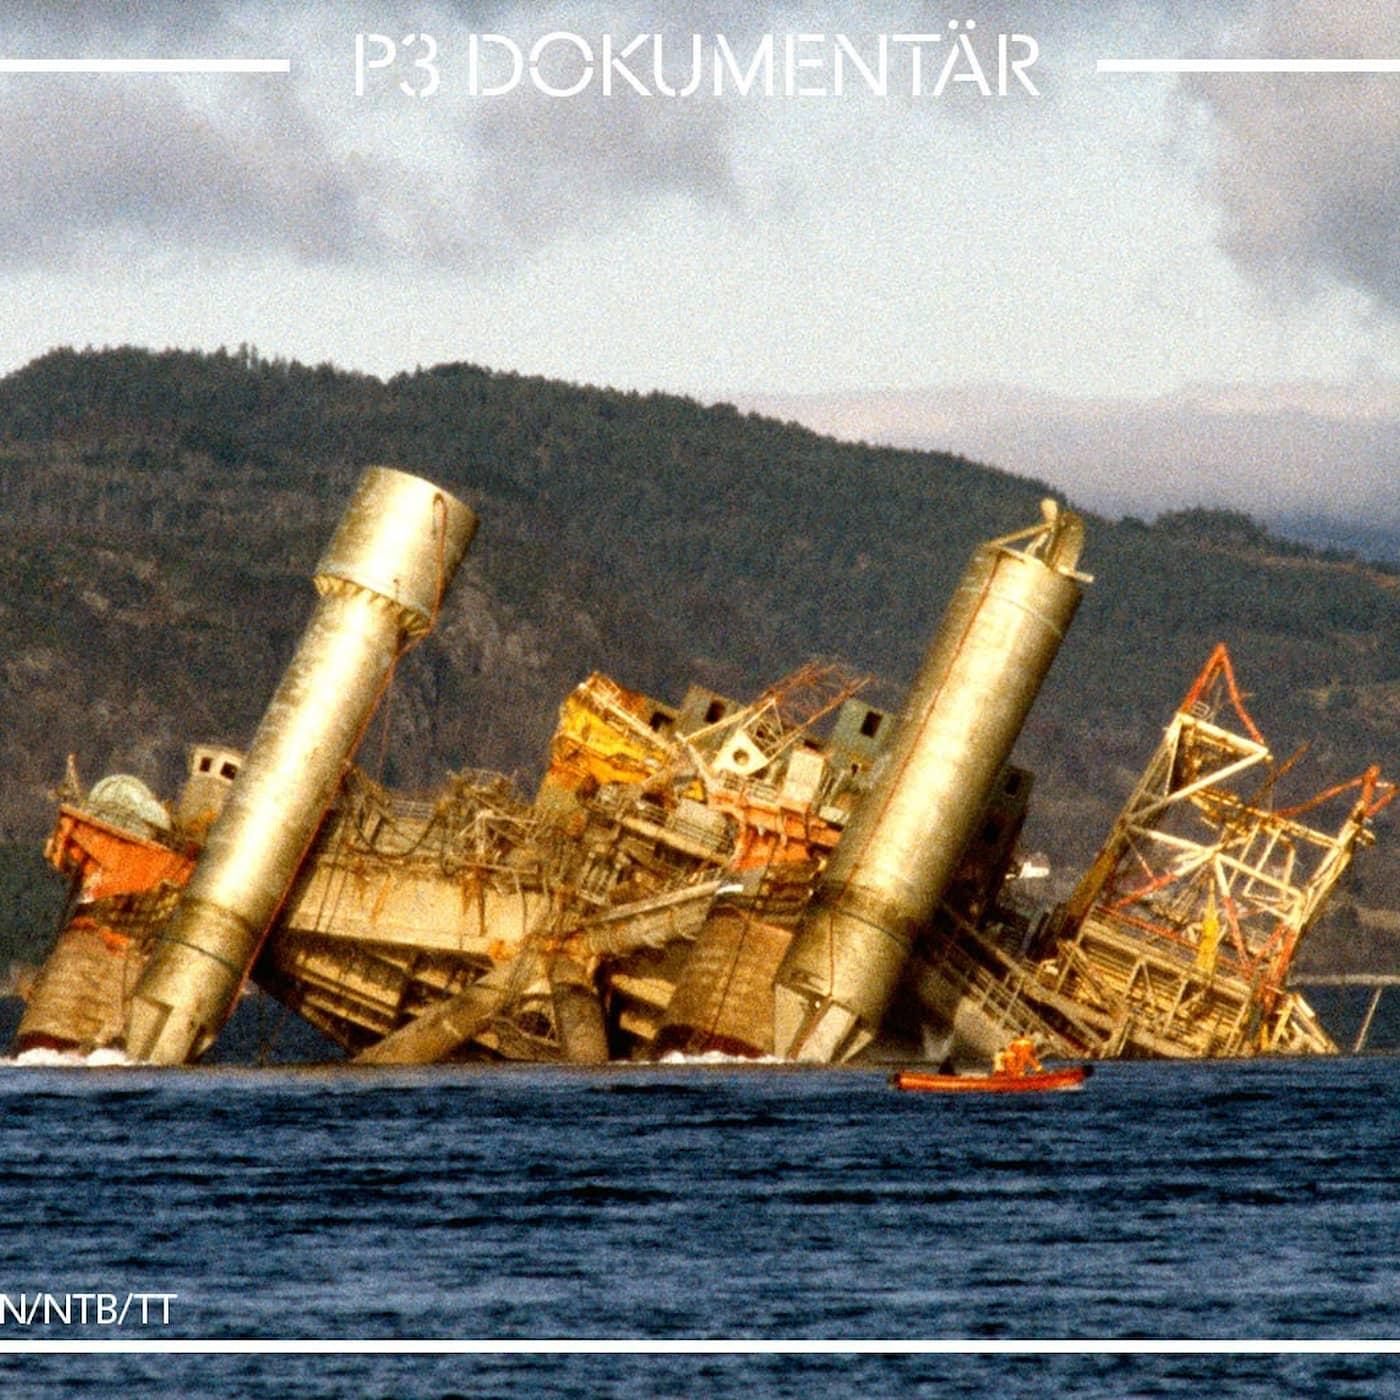 *NY* Katastrofen på oljeriggen i Nordsjön